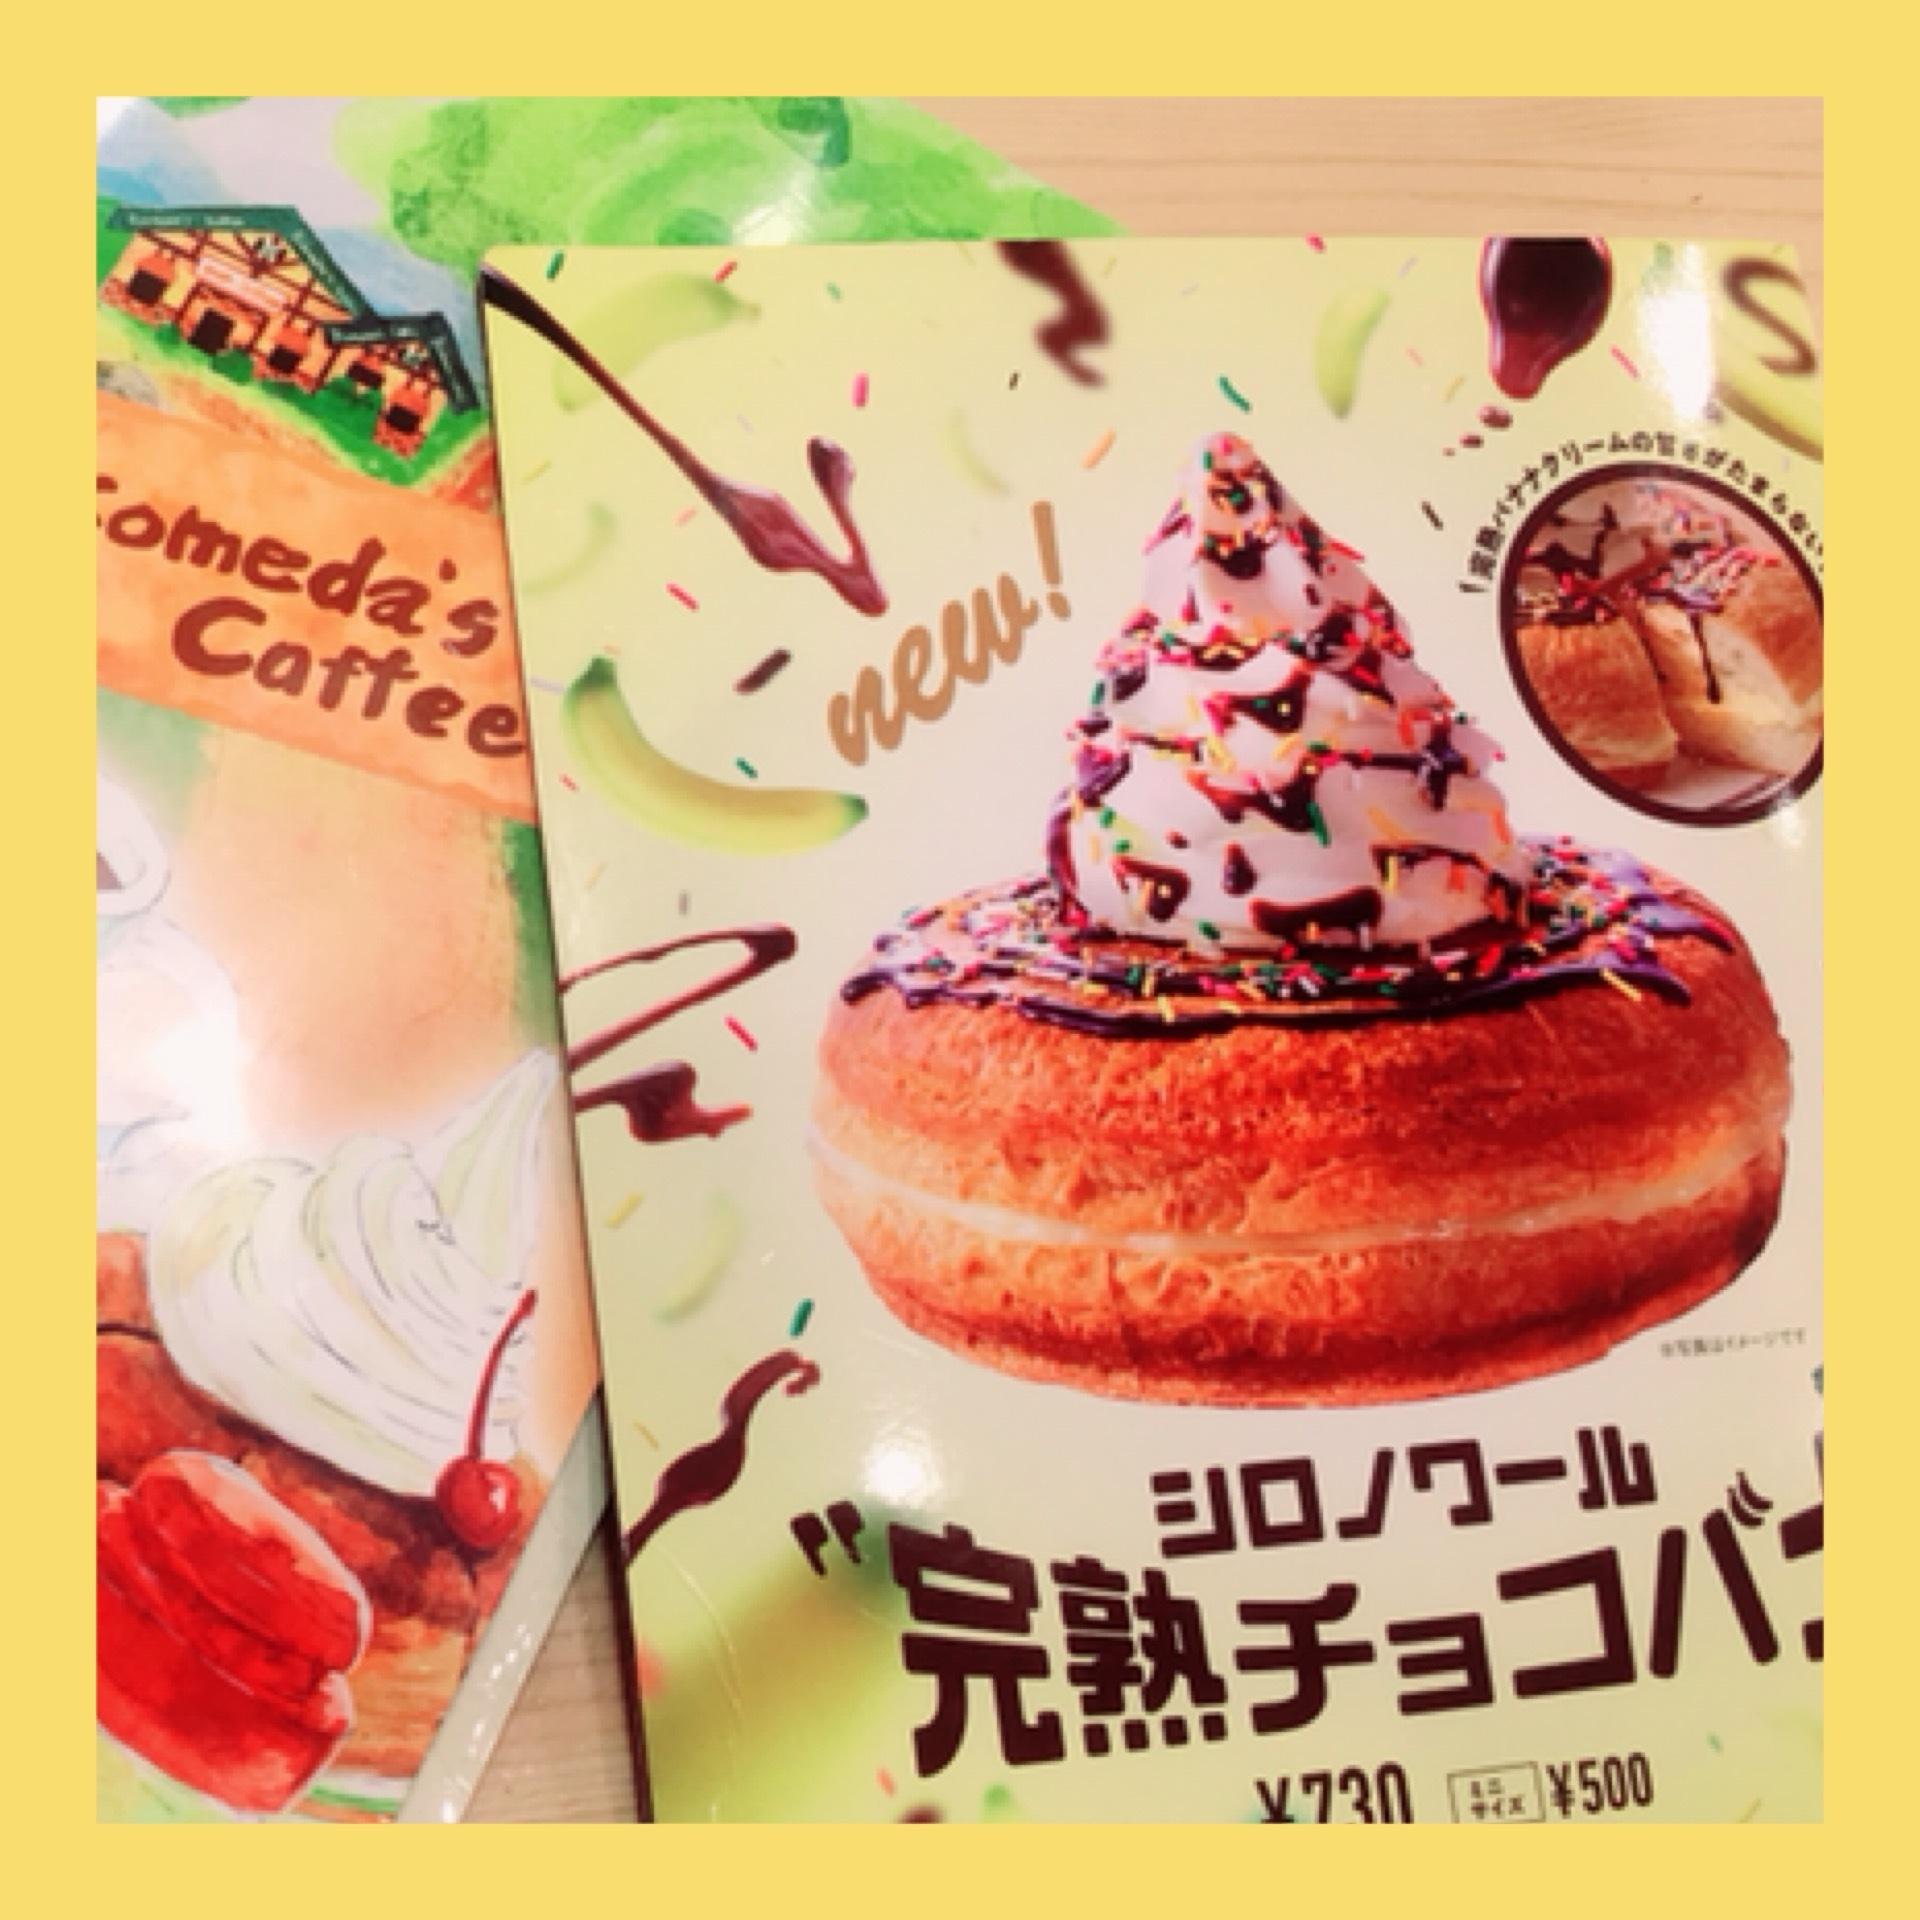 《シロノワール 完熟チョコバナ》コメダ喫茶の期間限定♫♡_1_4